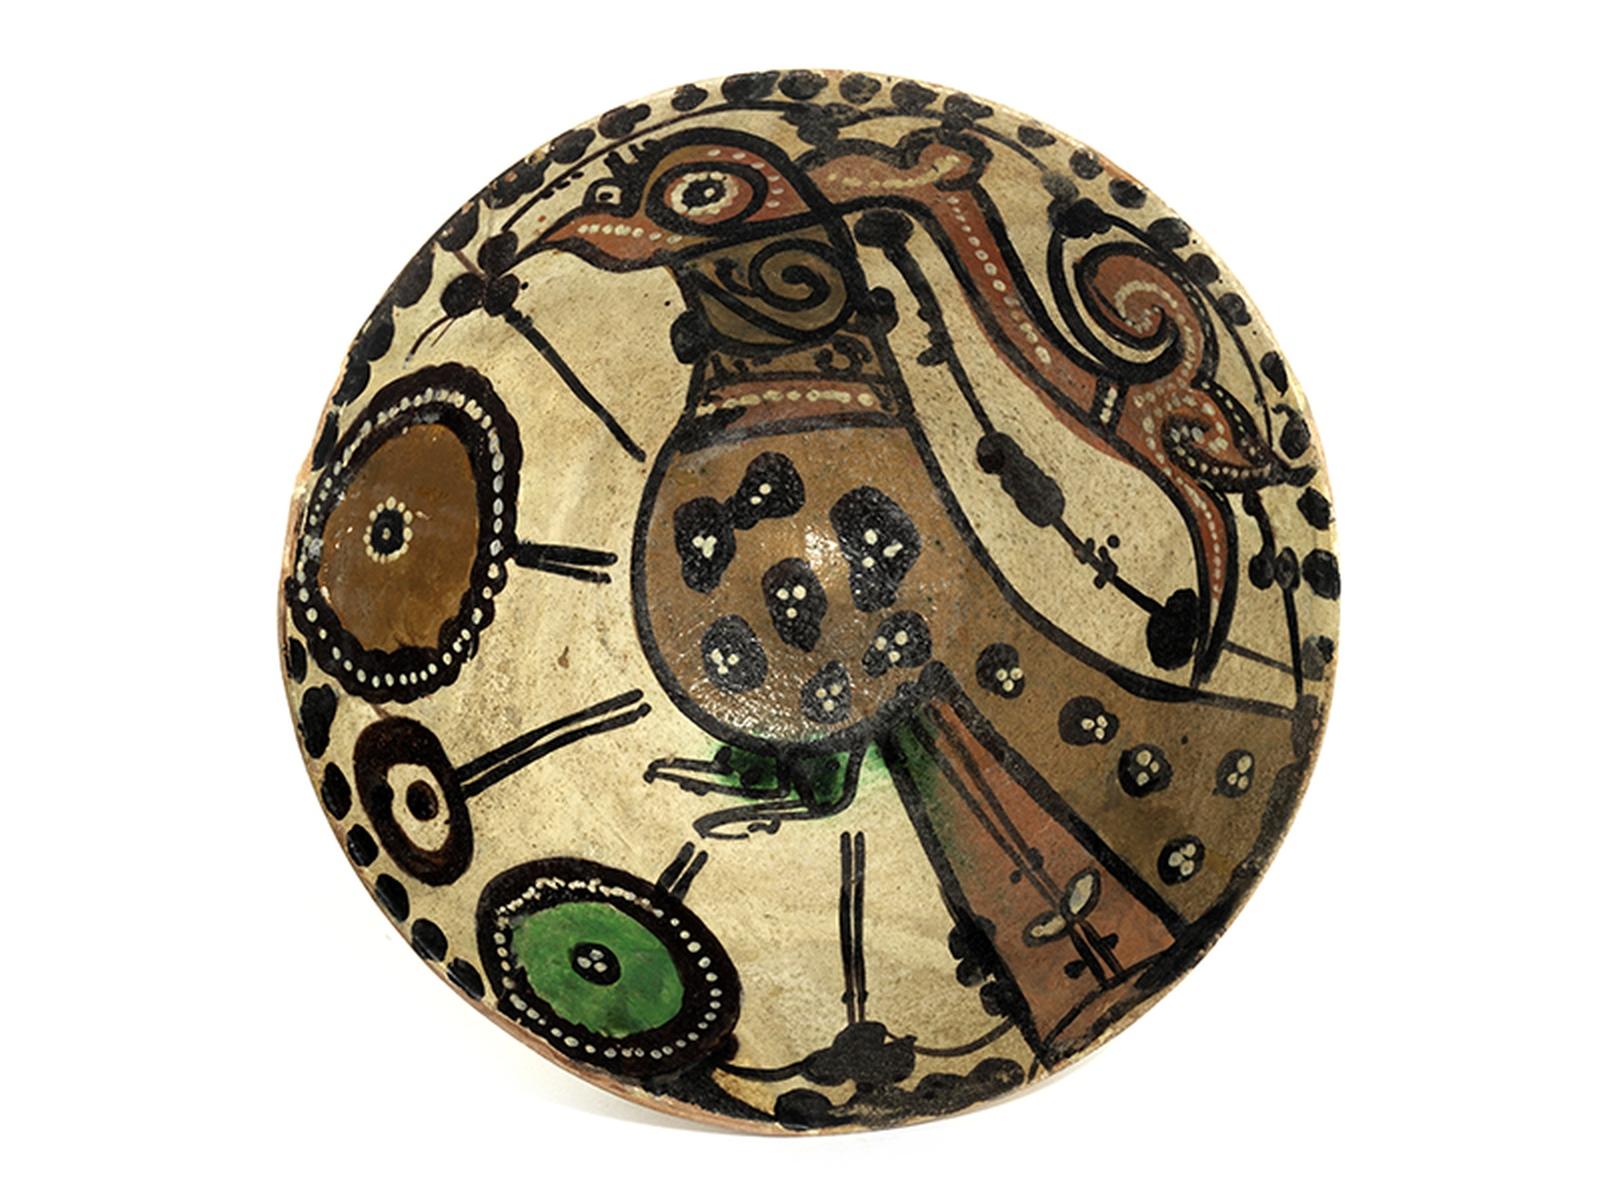 Persische Schale Höhe: 10,5 cm. Durchmesser: 21,3 cm. Iran, Nishapur, 9. Jahrhundert. Hellroter - Bild 4 aus 4